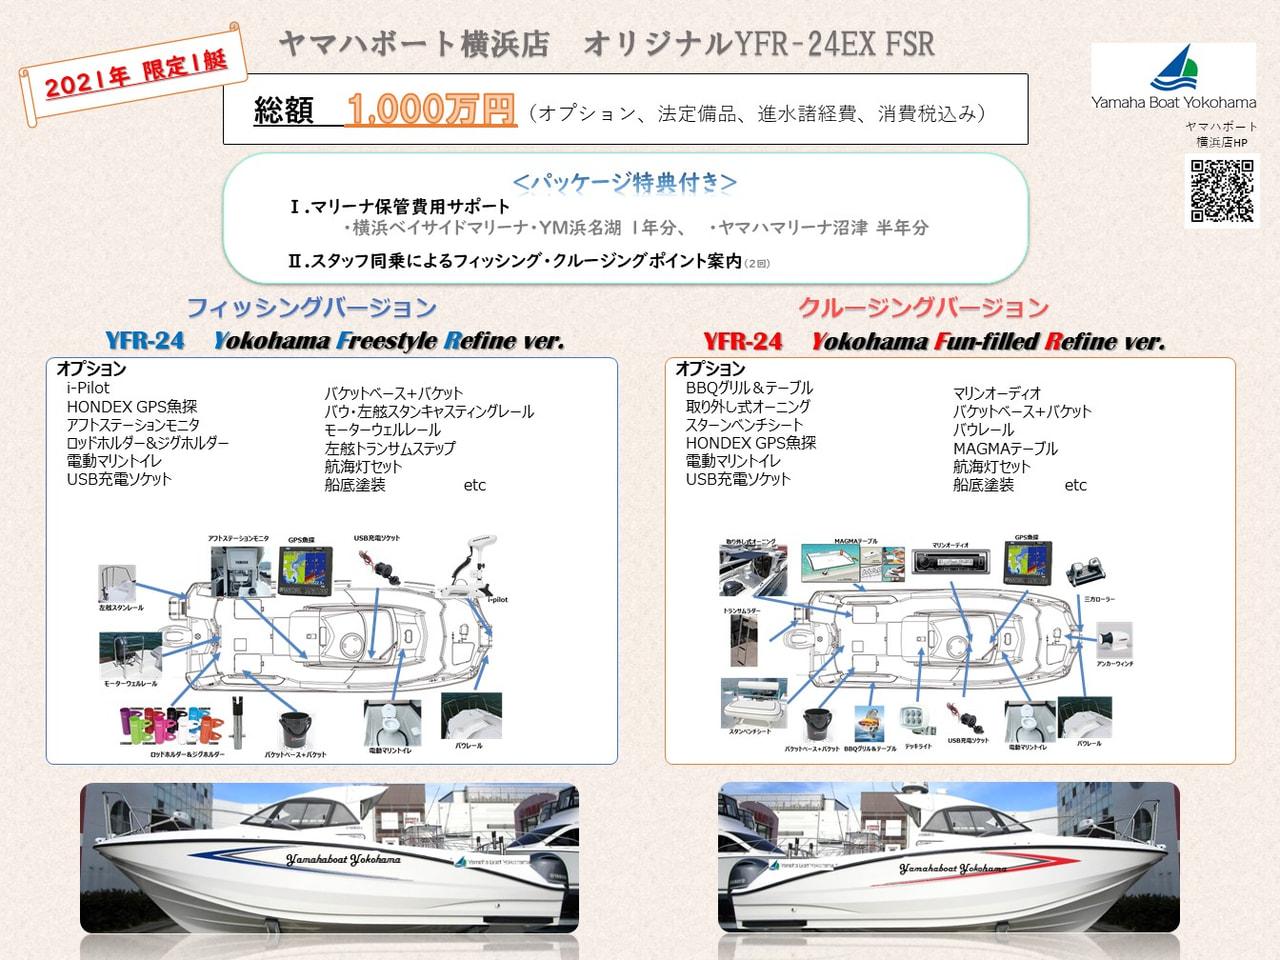 ヤマハボート横浜店 YFR-24EXオリジナルパッケージのご案内画像